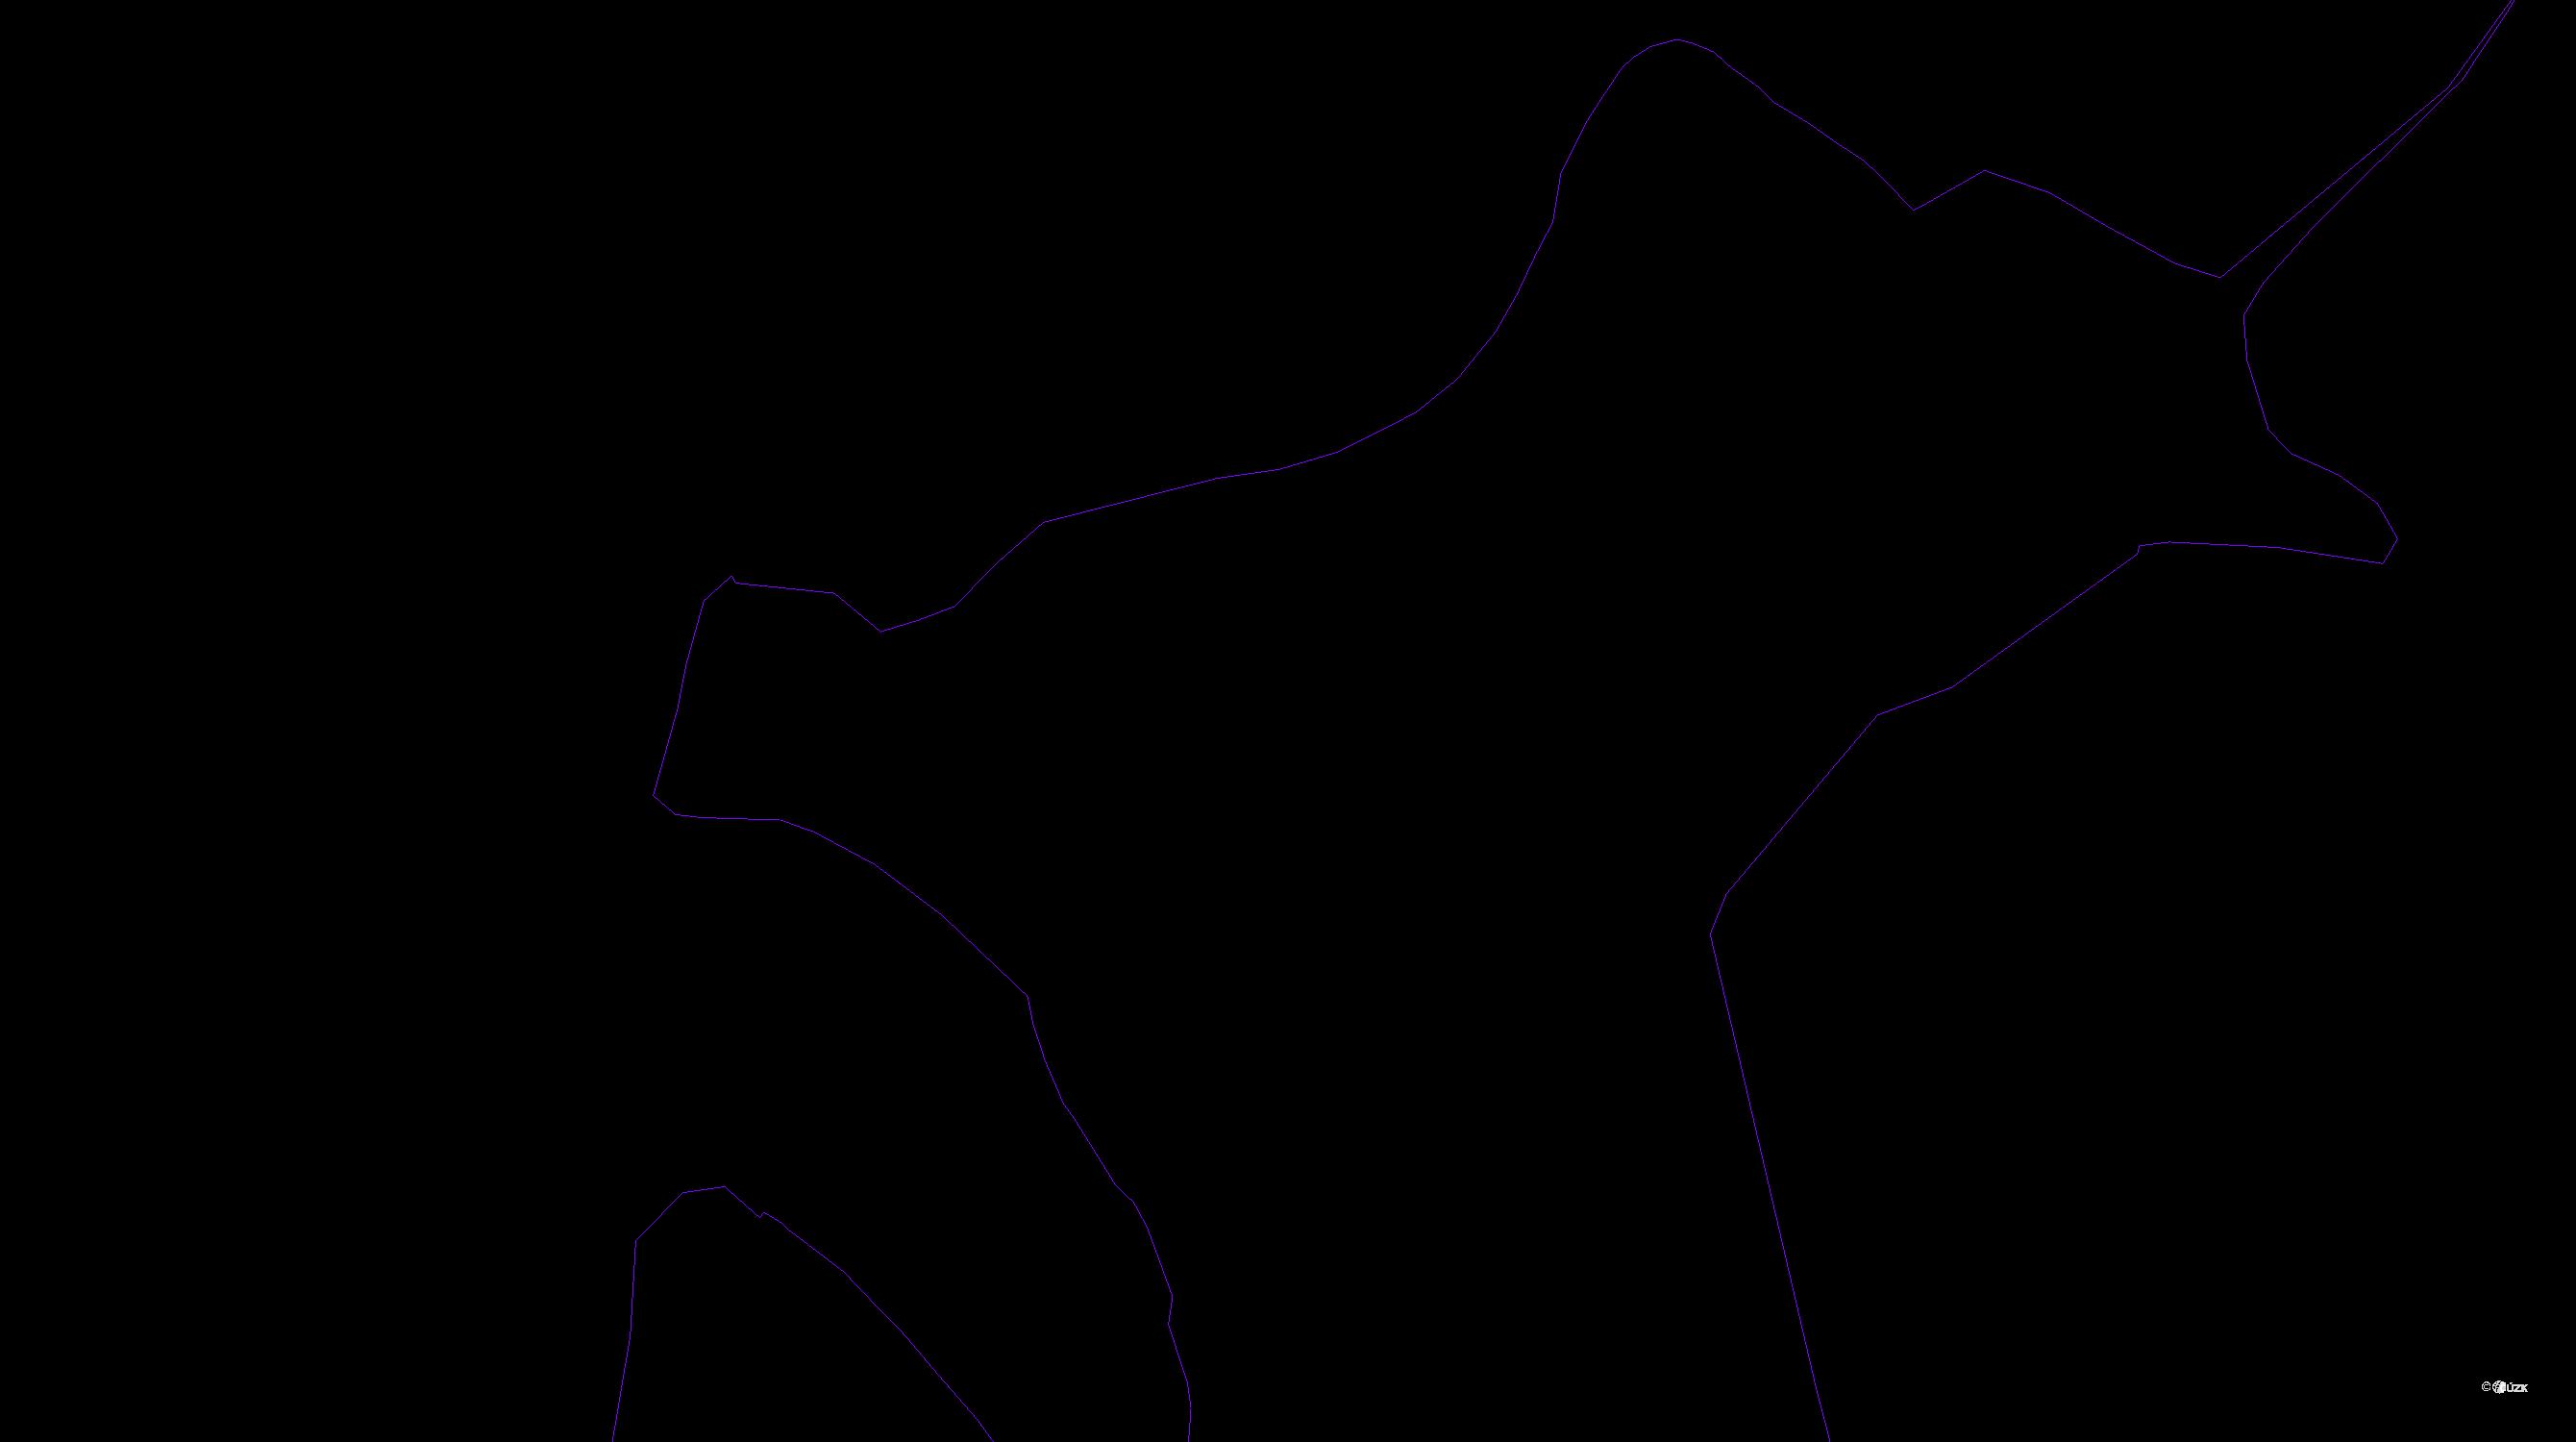 Katastrální mapa pozemků a čísla parcel Hlubočky IV